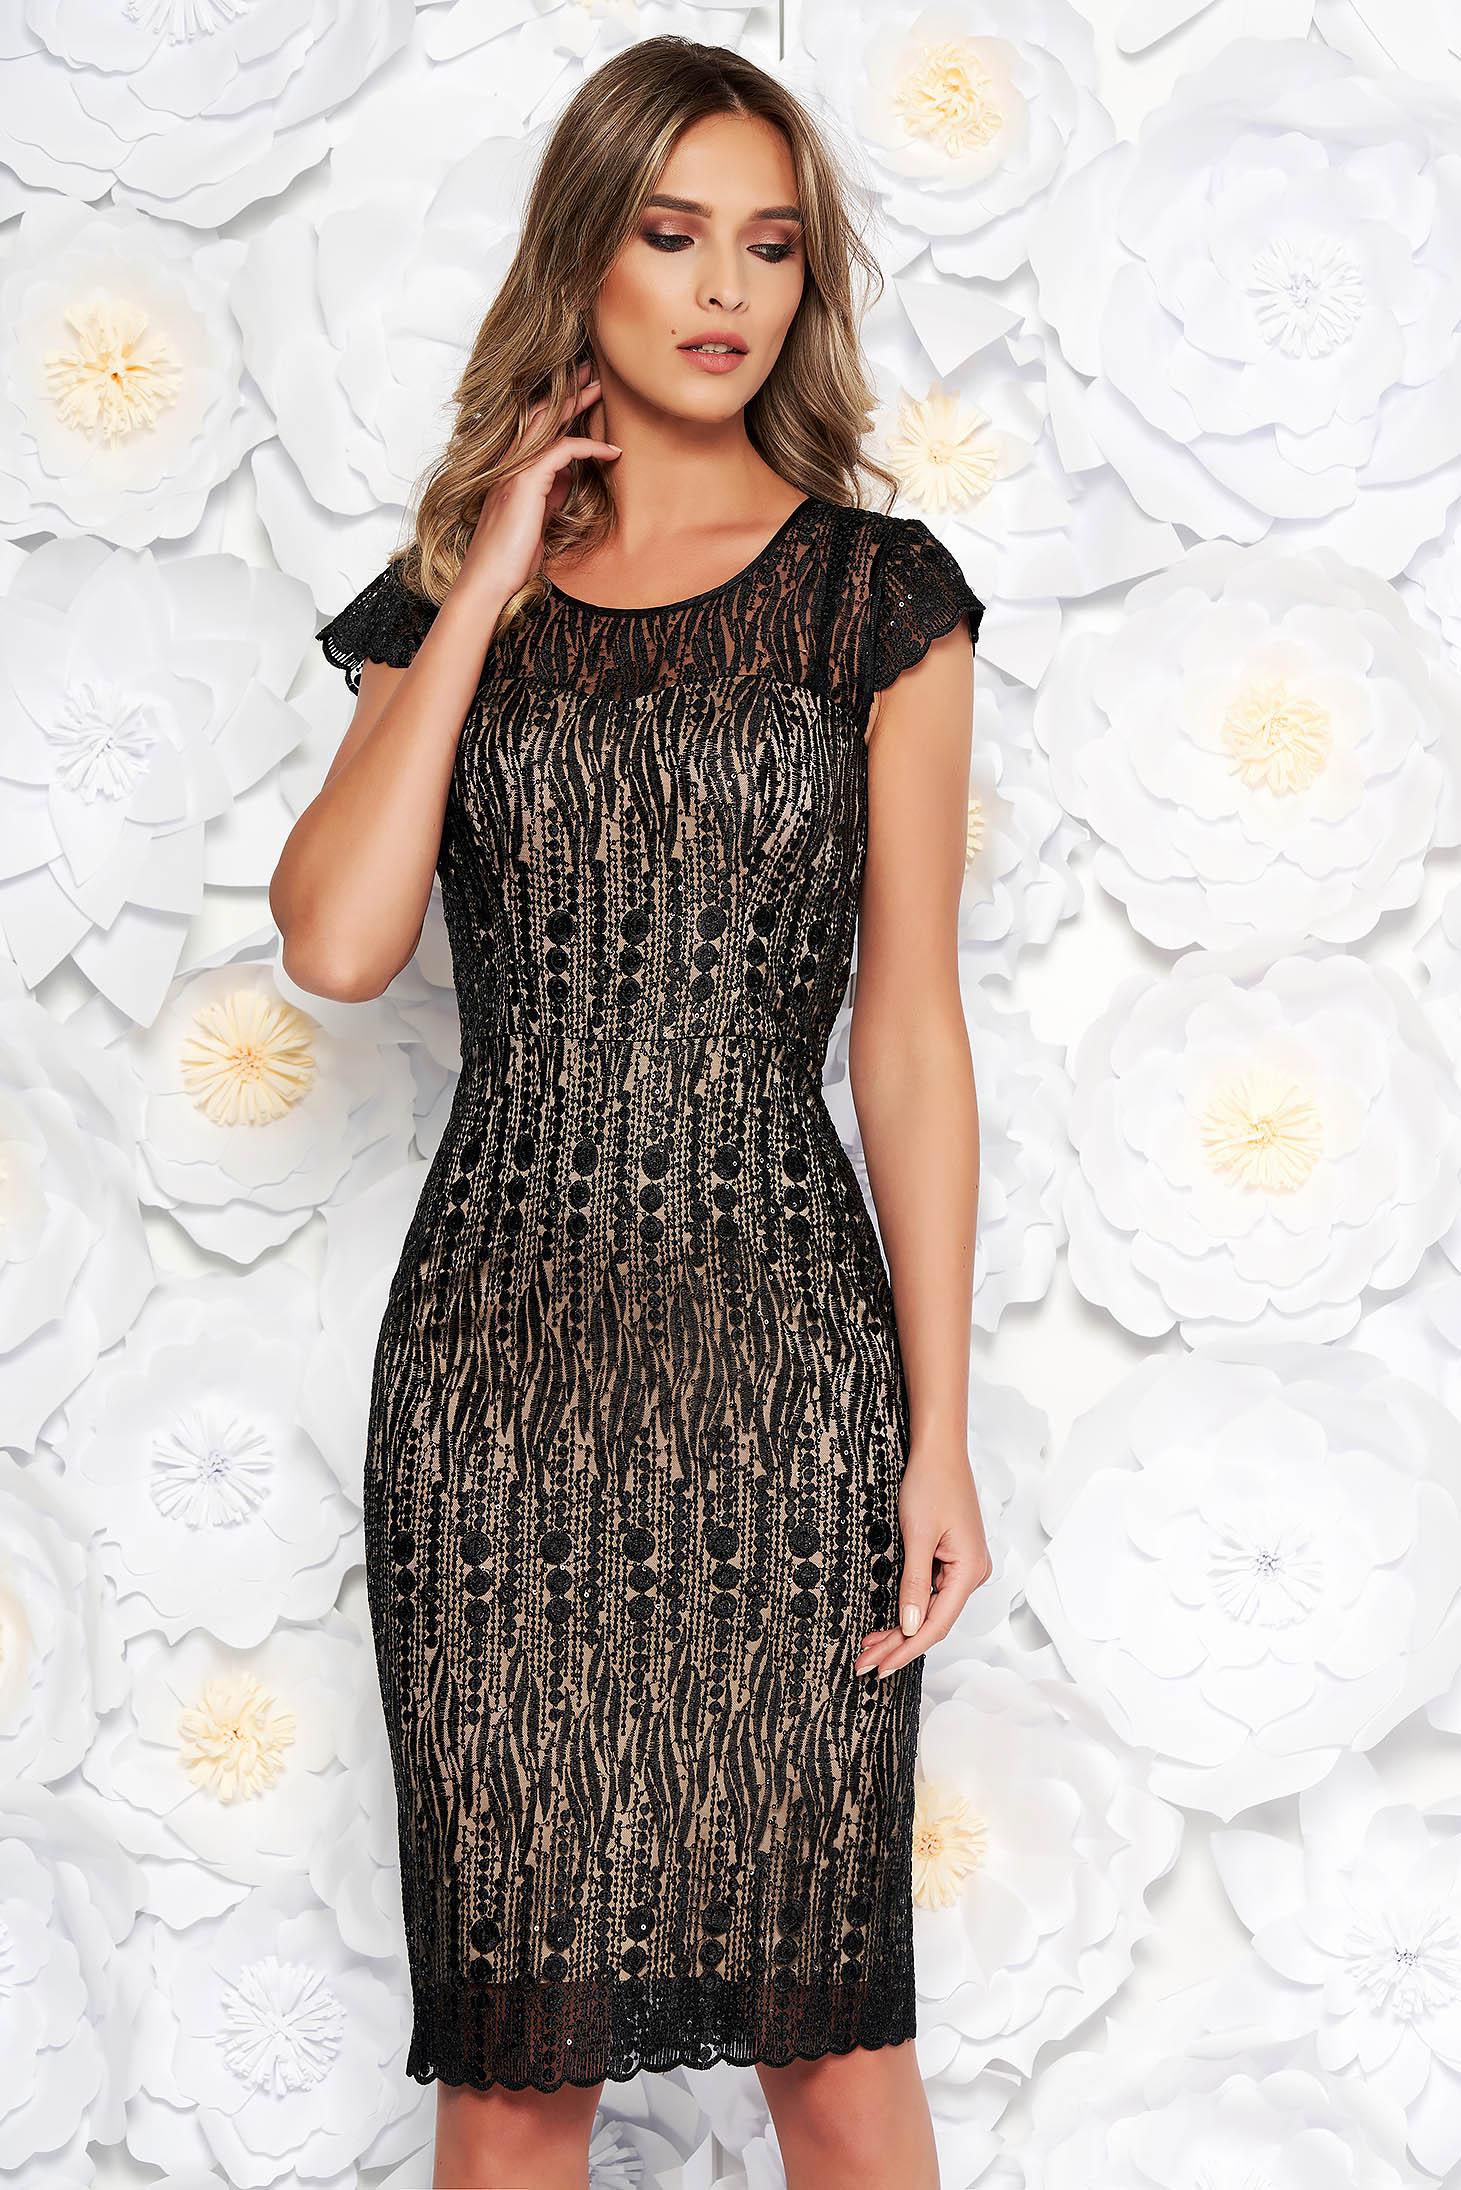 Fekete alkalmi midi ruha szűk szabás csipkés anyagból belső béléssel flitteres díszítés